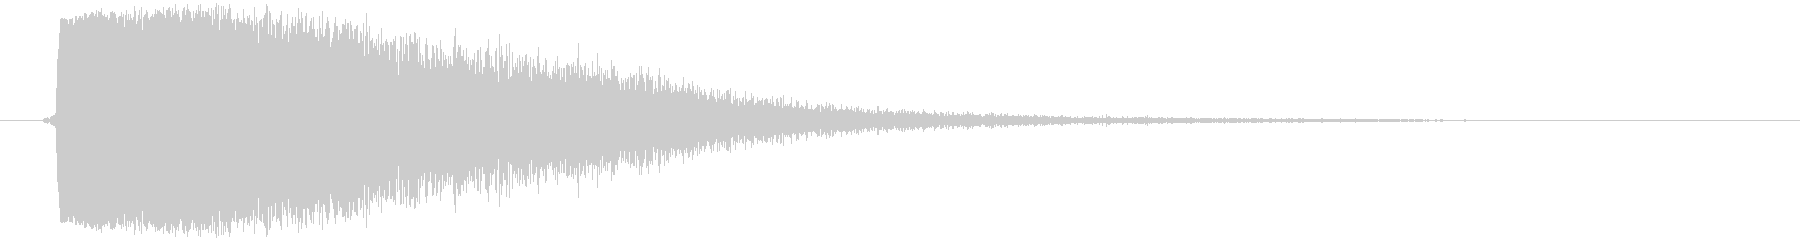 蒸発、蒸気 (短い) ジュウッの未再生の波形